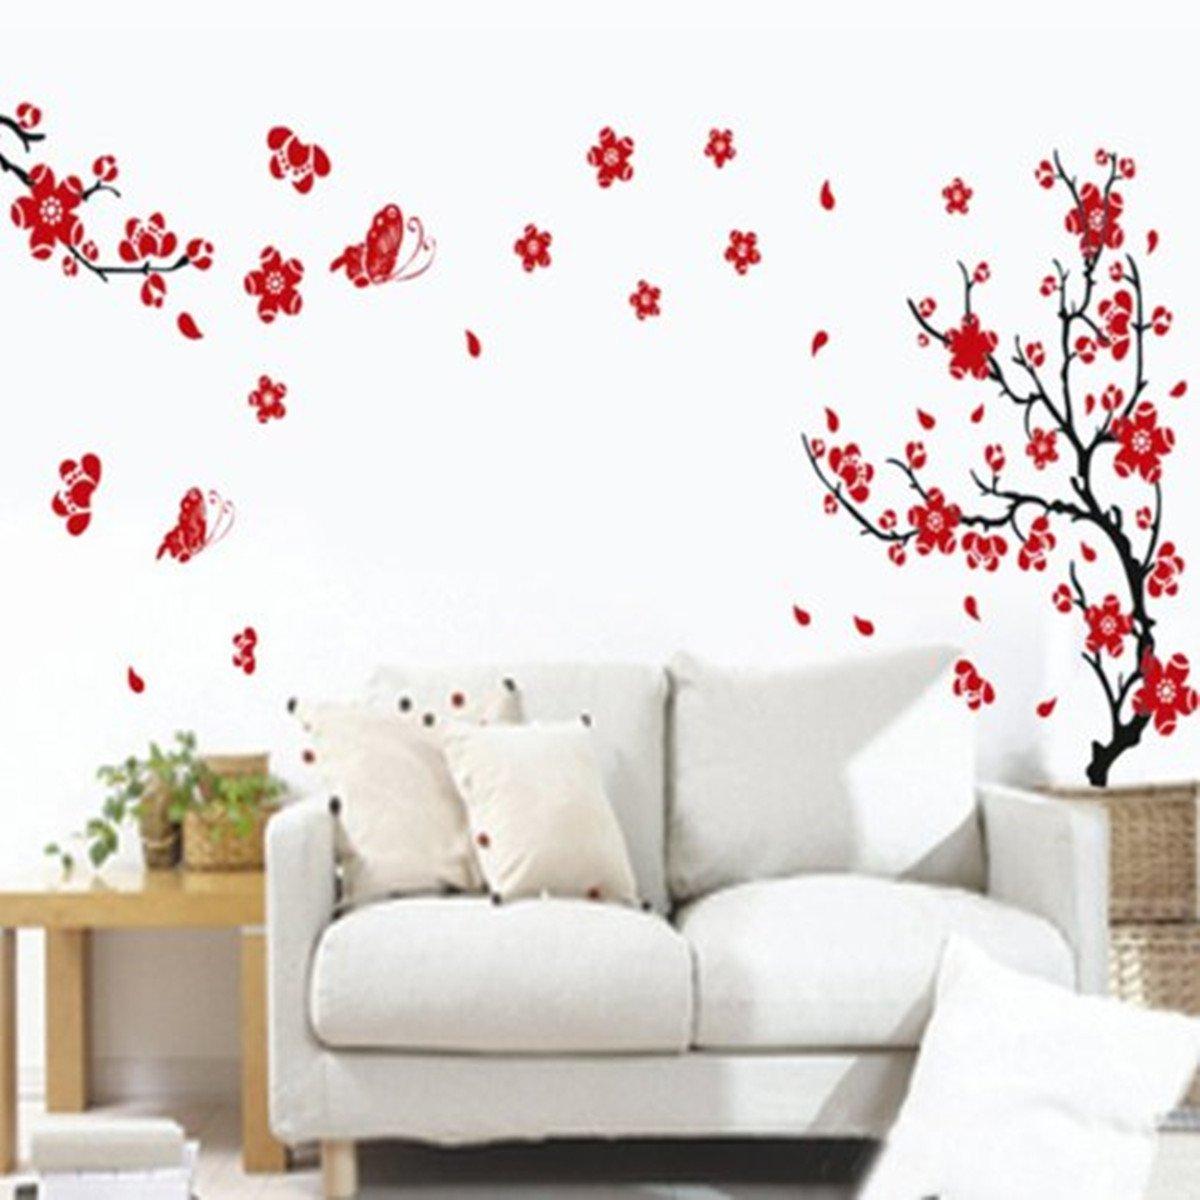 Disegni per pareti interne parete camera da letto con for Disegni per pareti